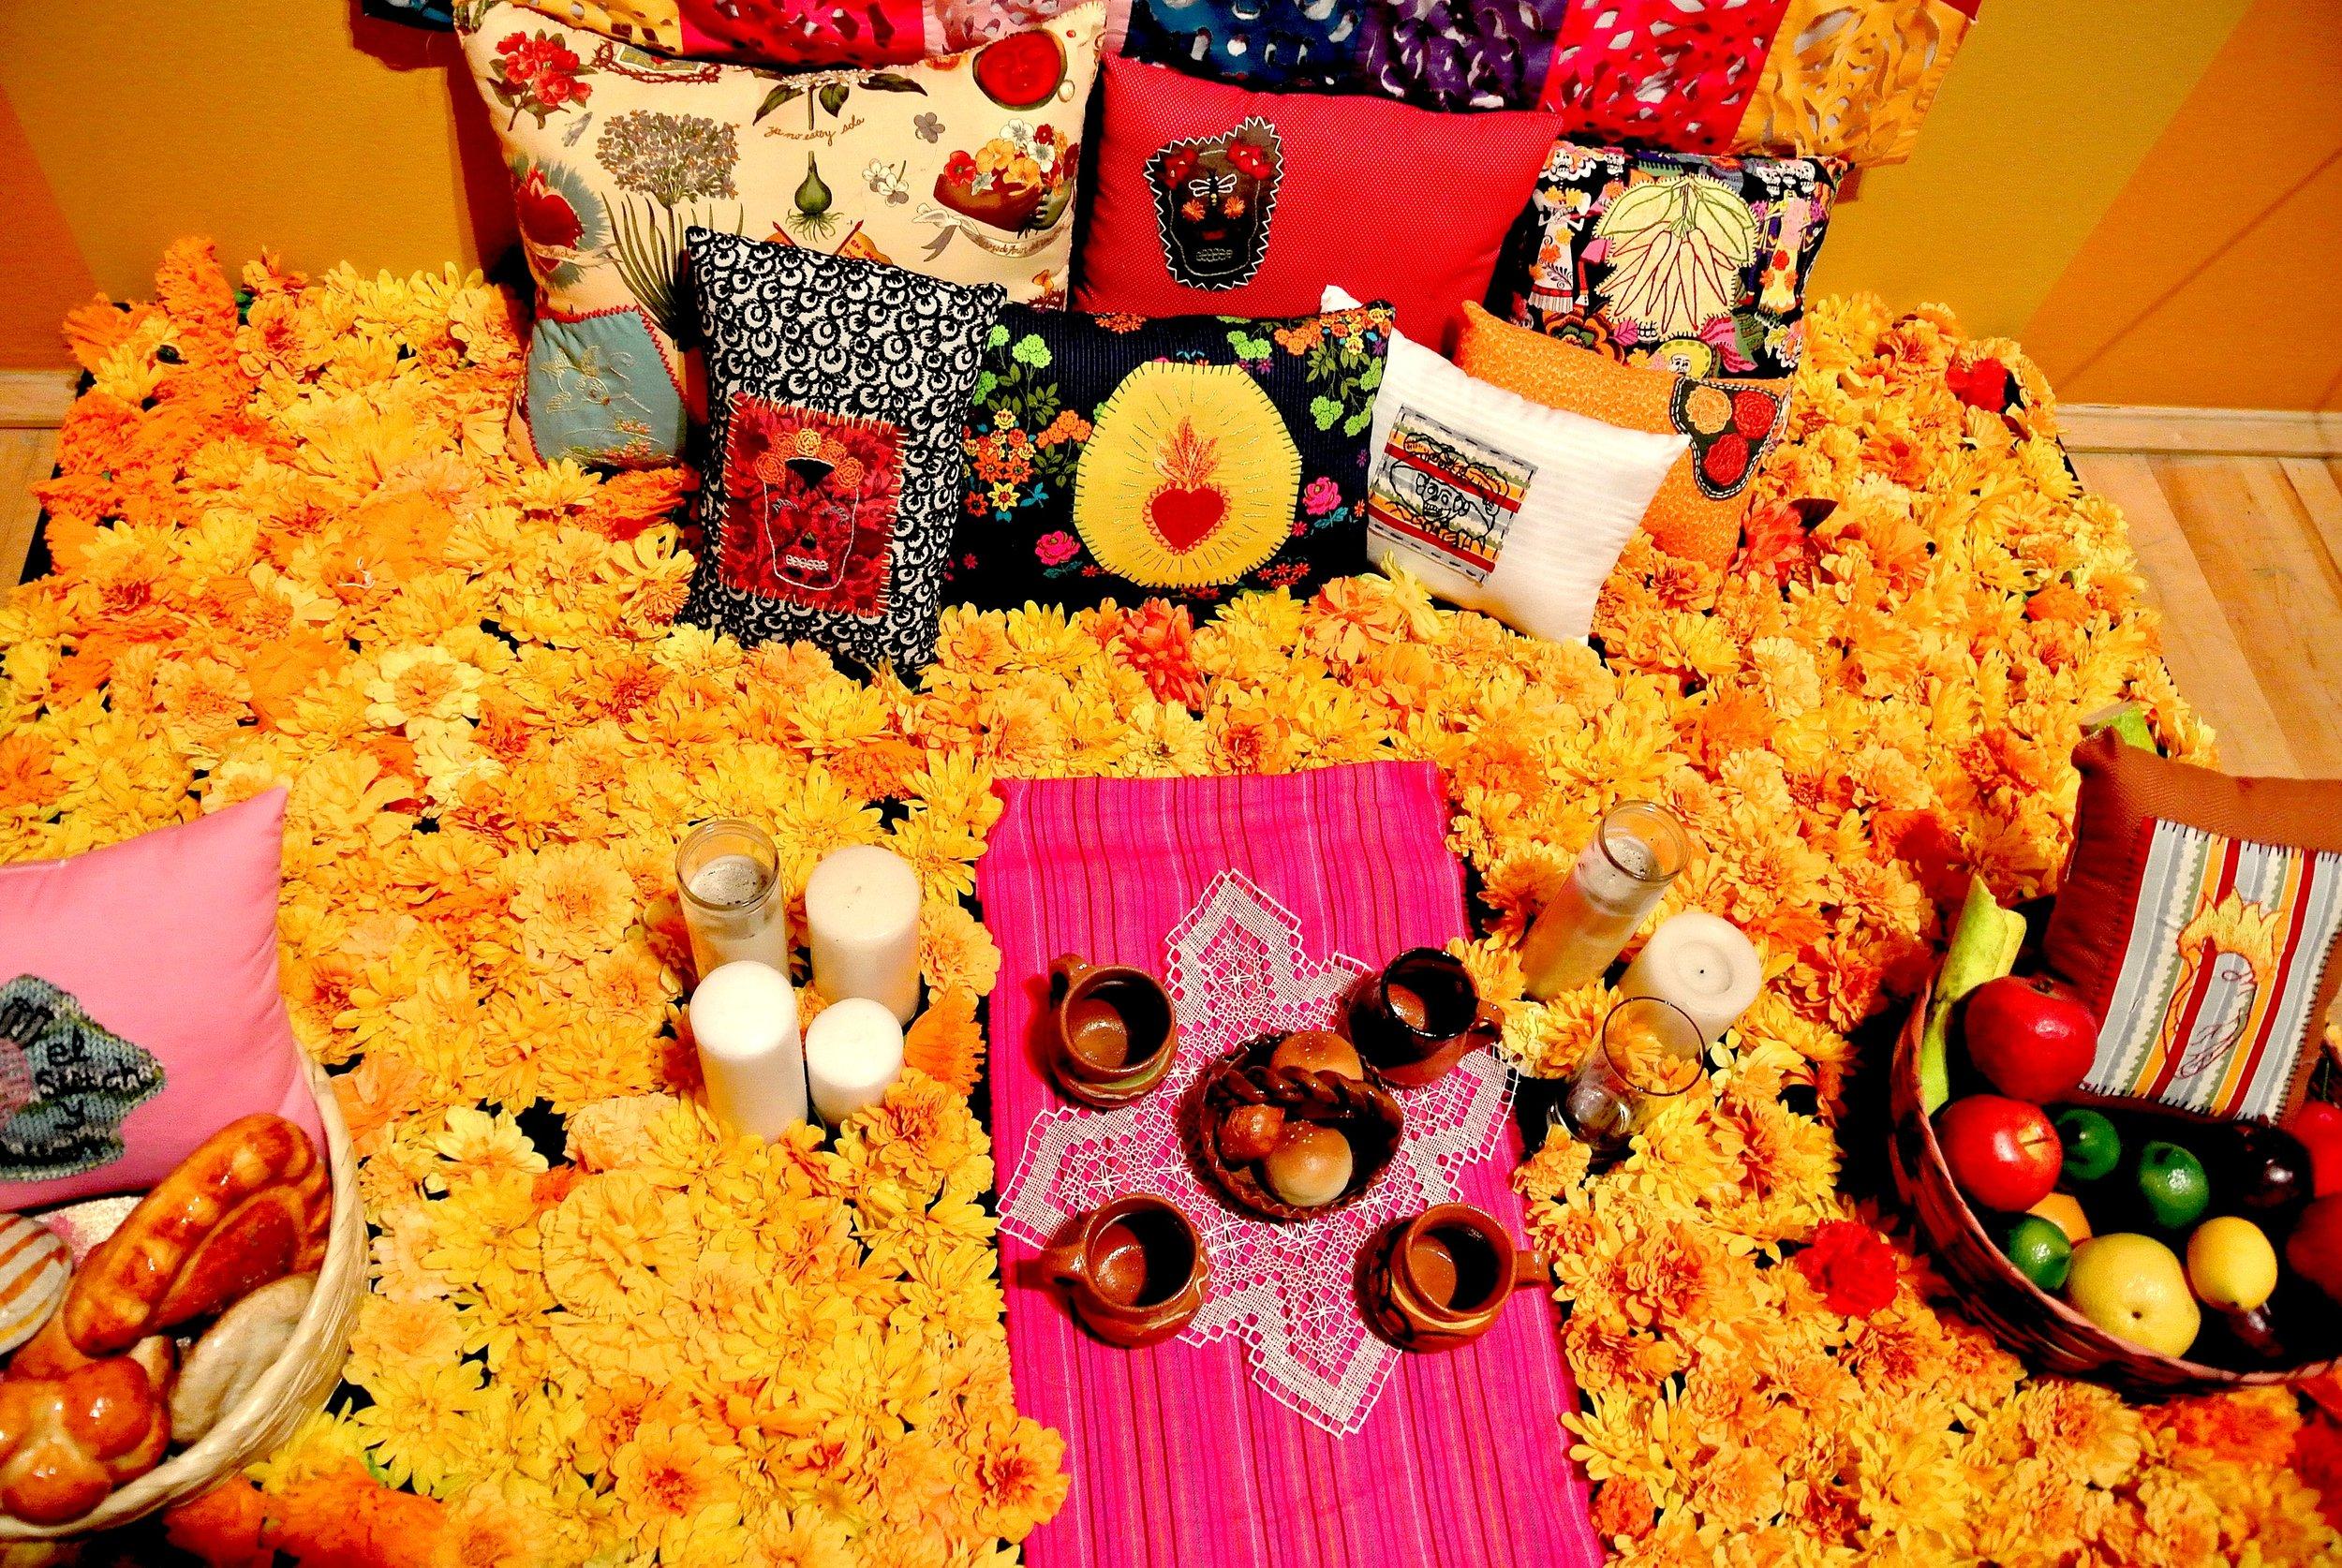 The fun bright orange marigolds are common decorations during el Día de los Muertos